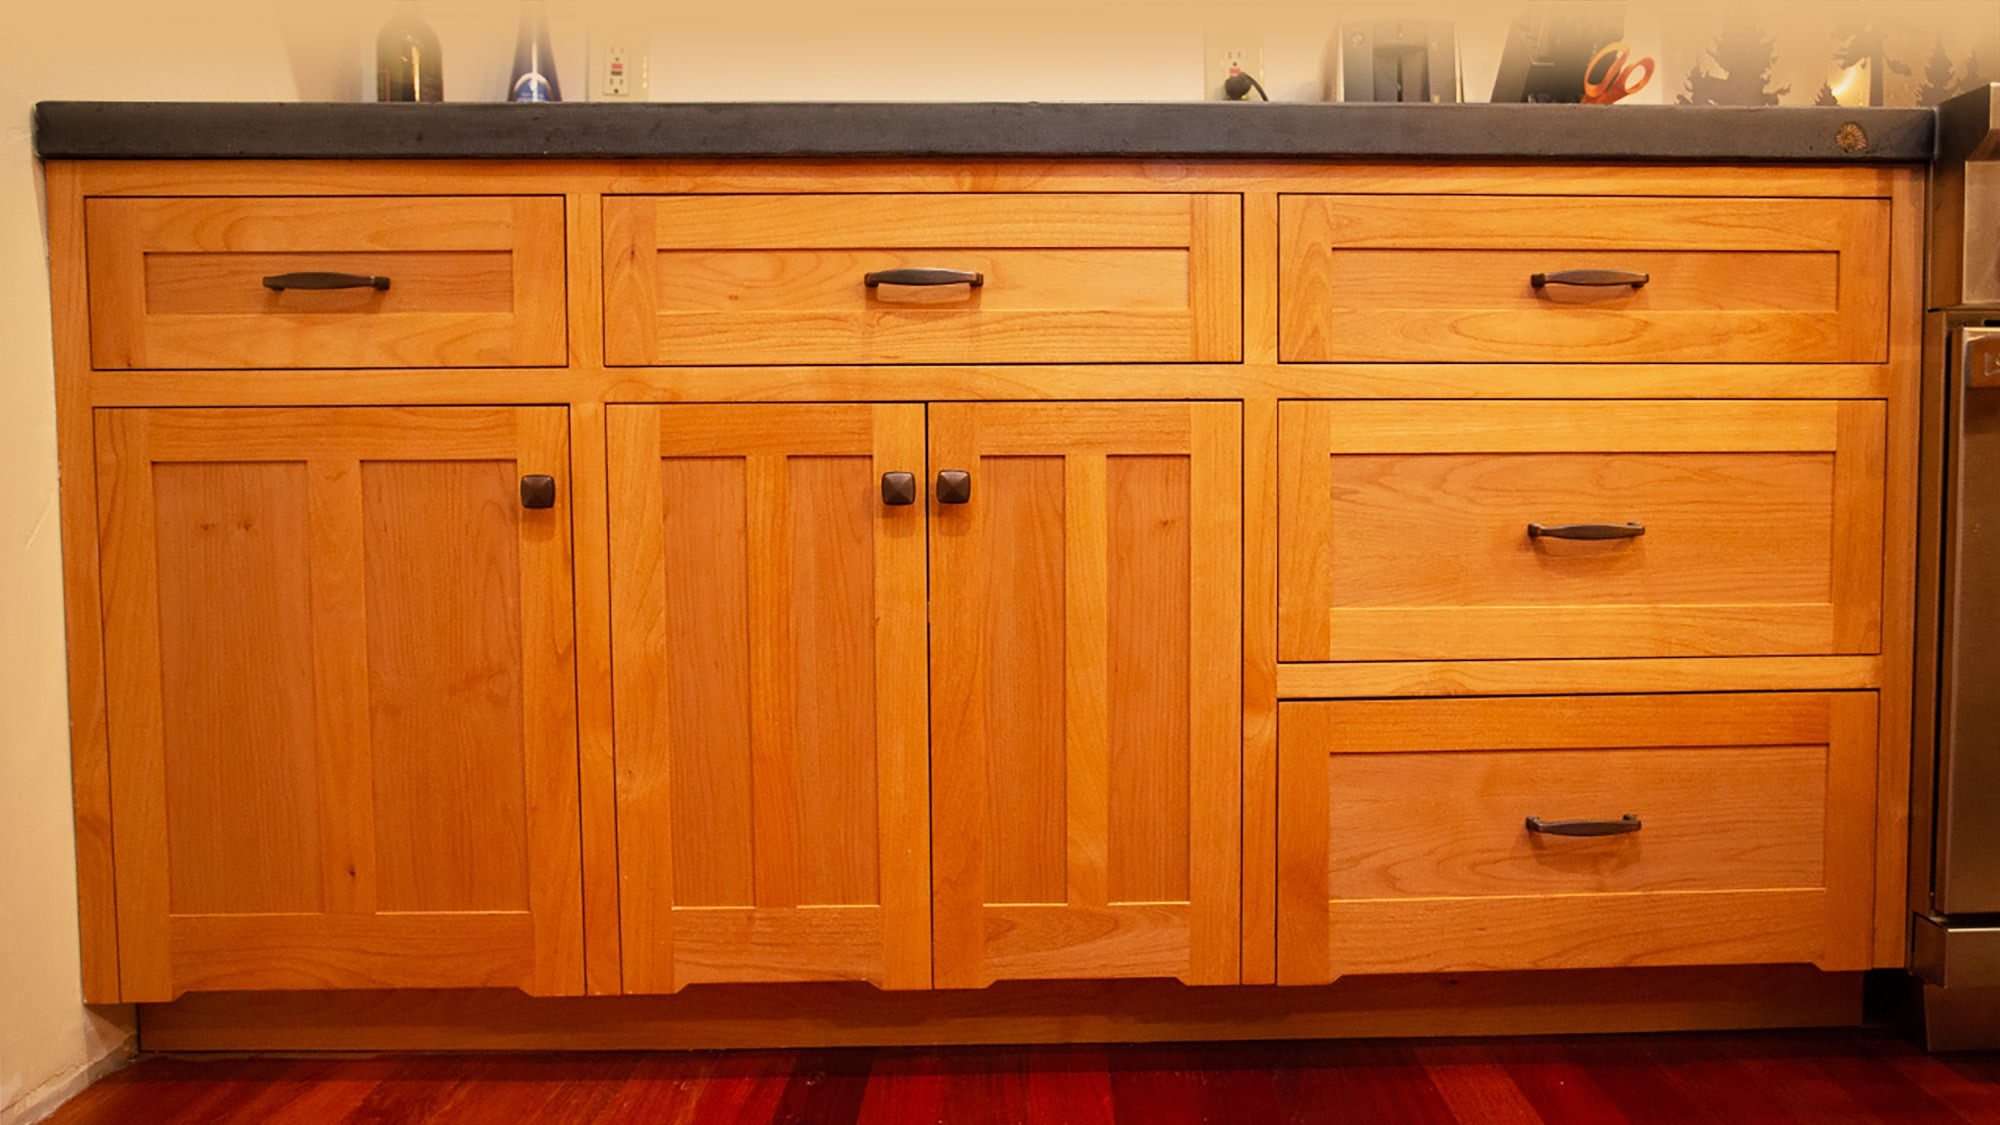 Cabinets shot